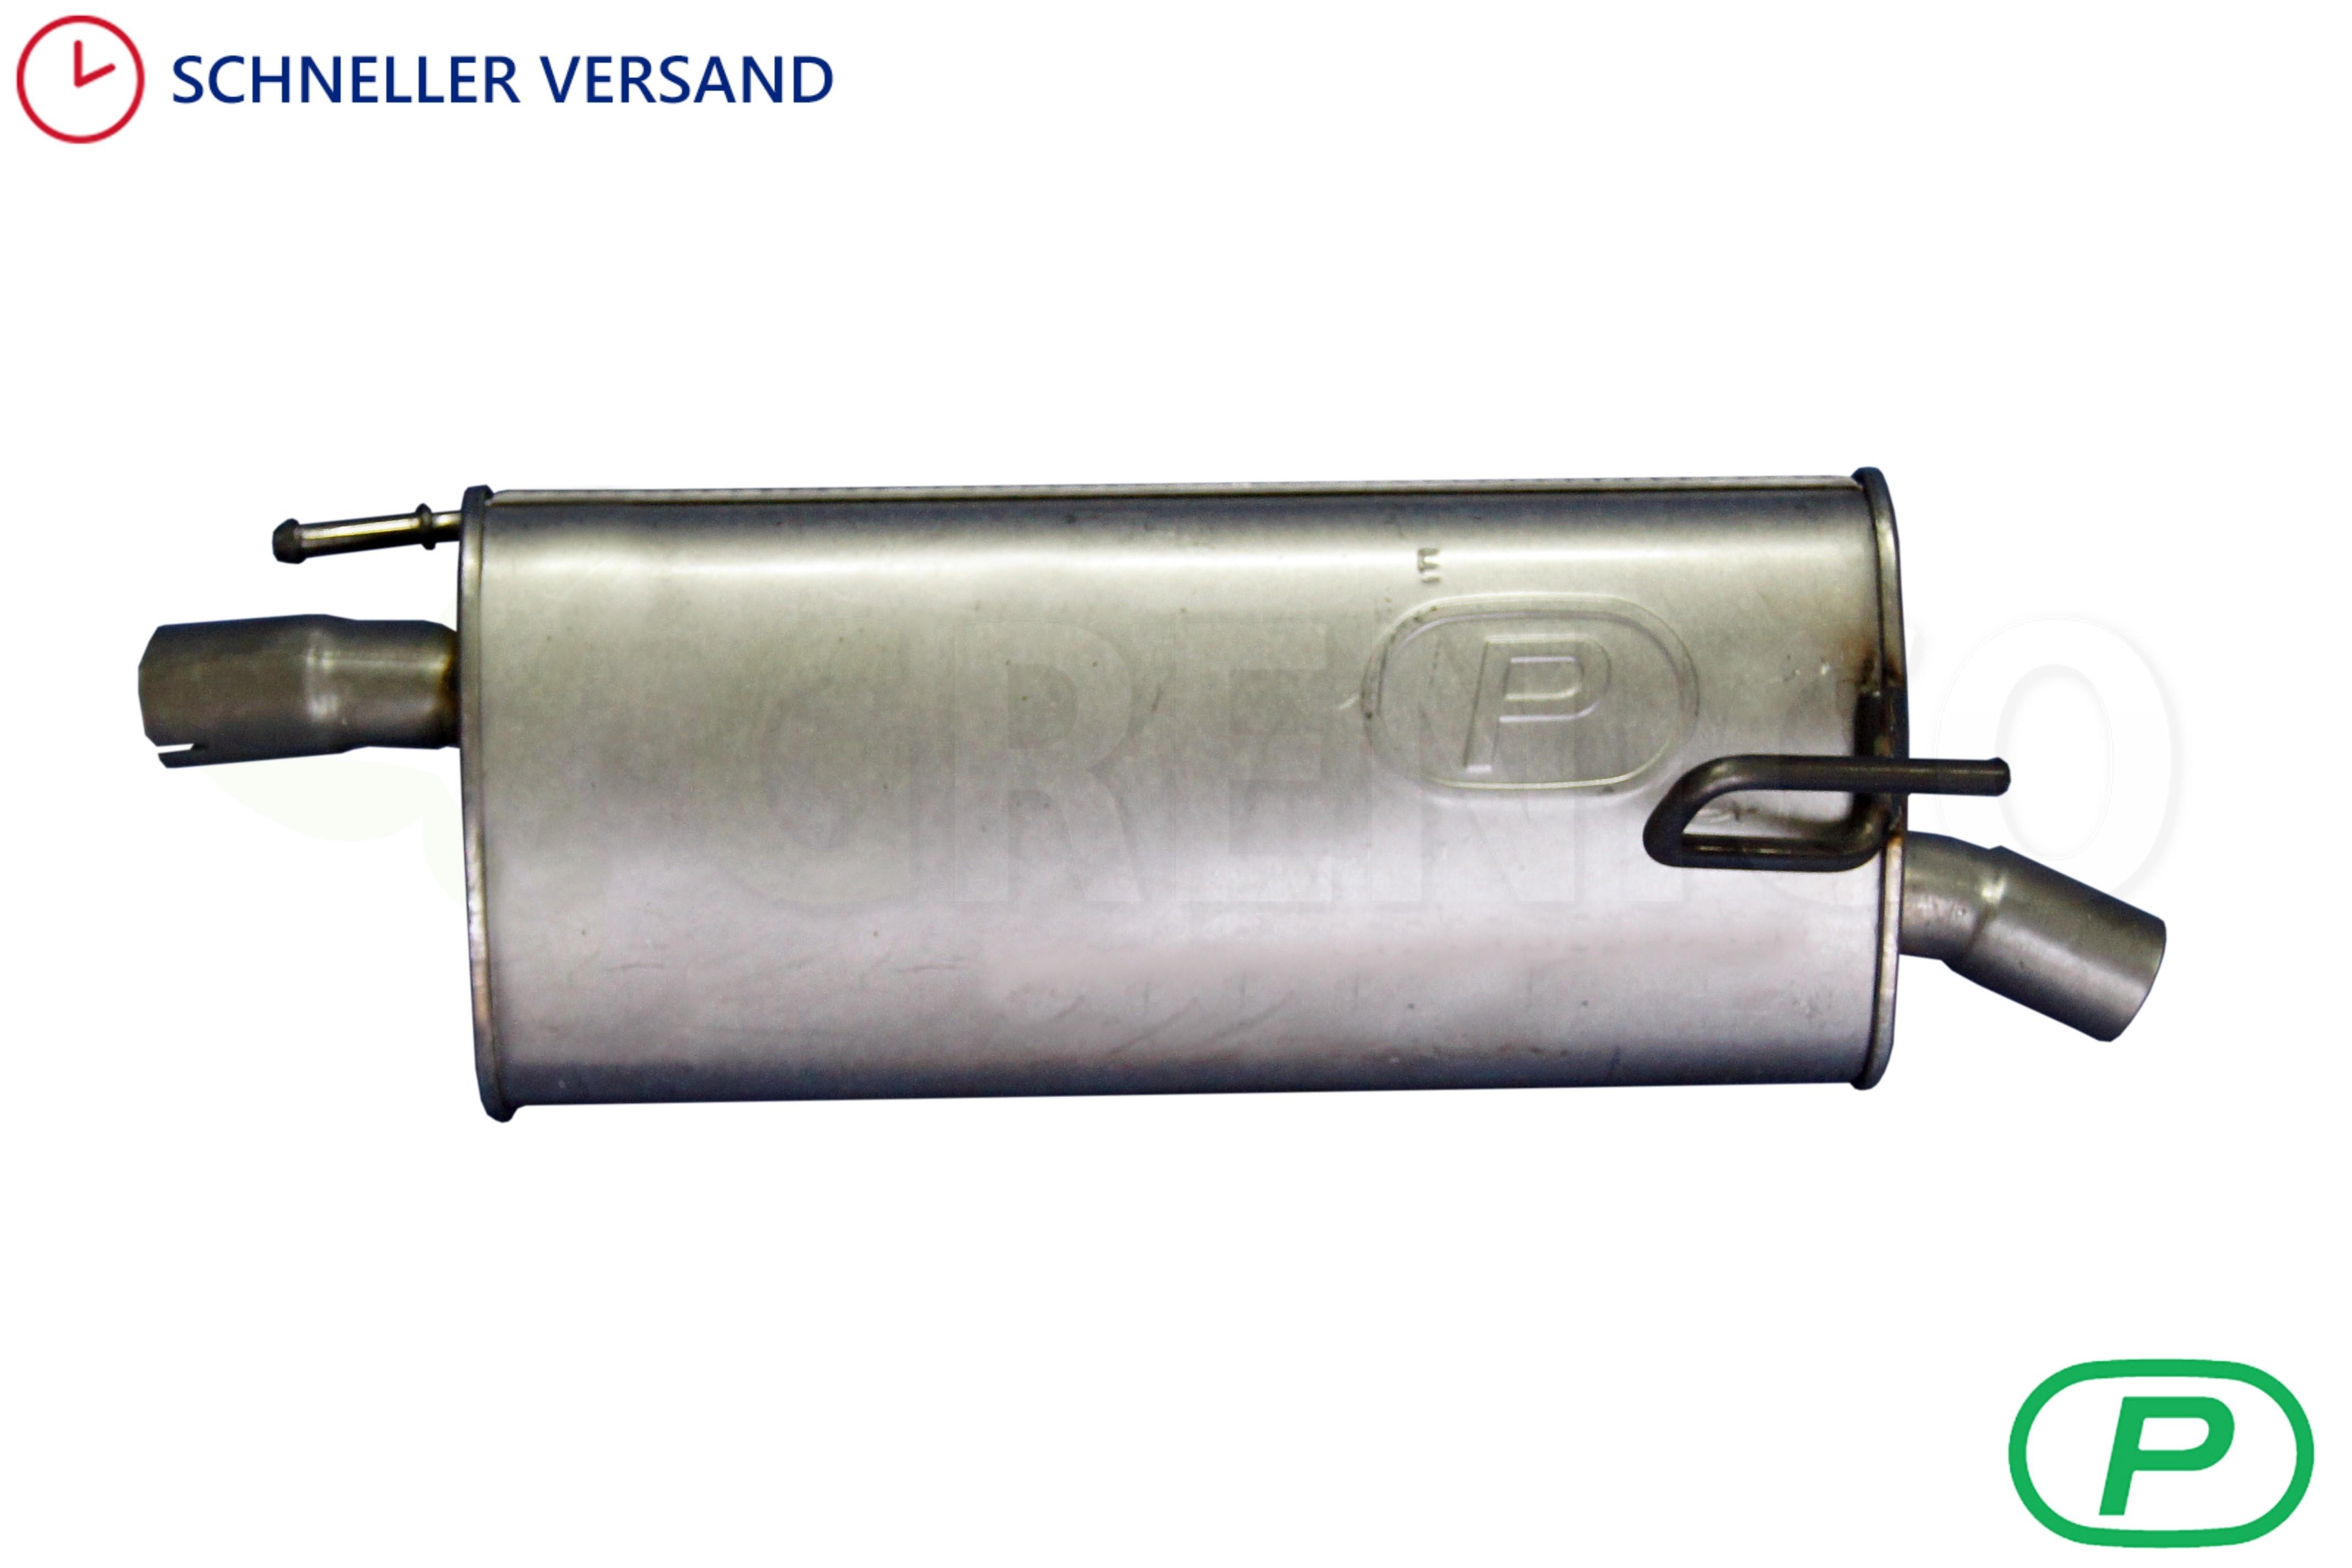 Endschalldämpfer Auspuff Mit Montagesatz 2003-2010 Opel Meriva A 1.6